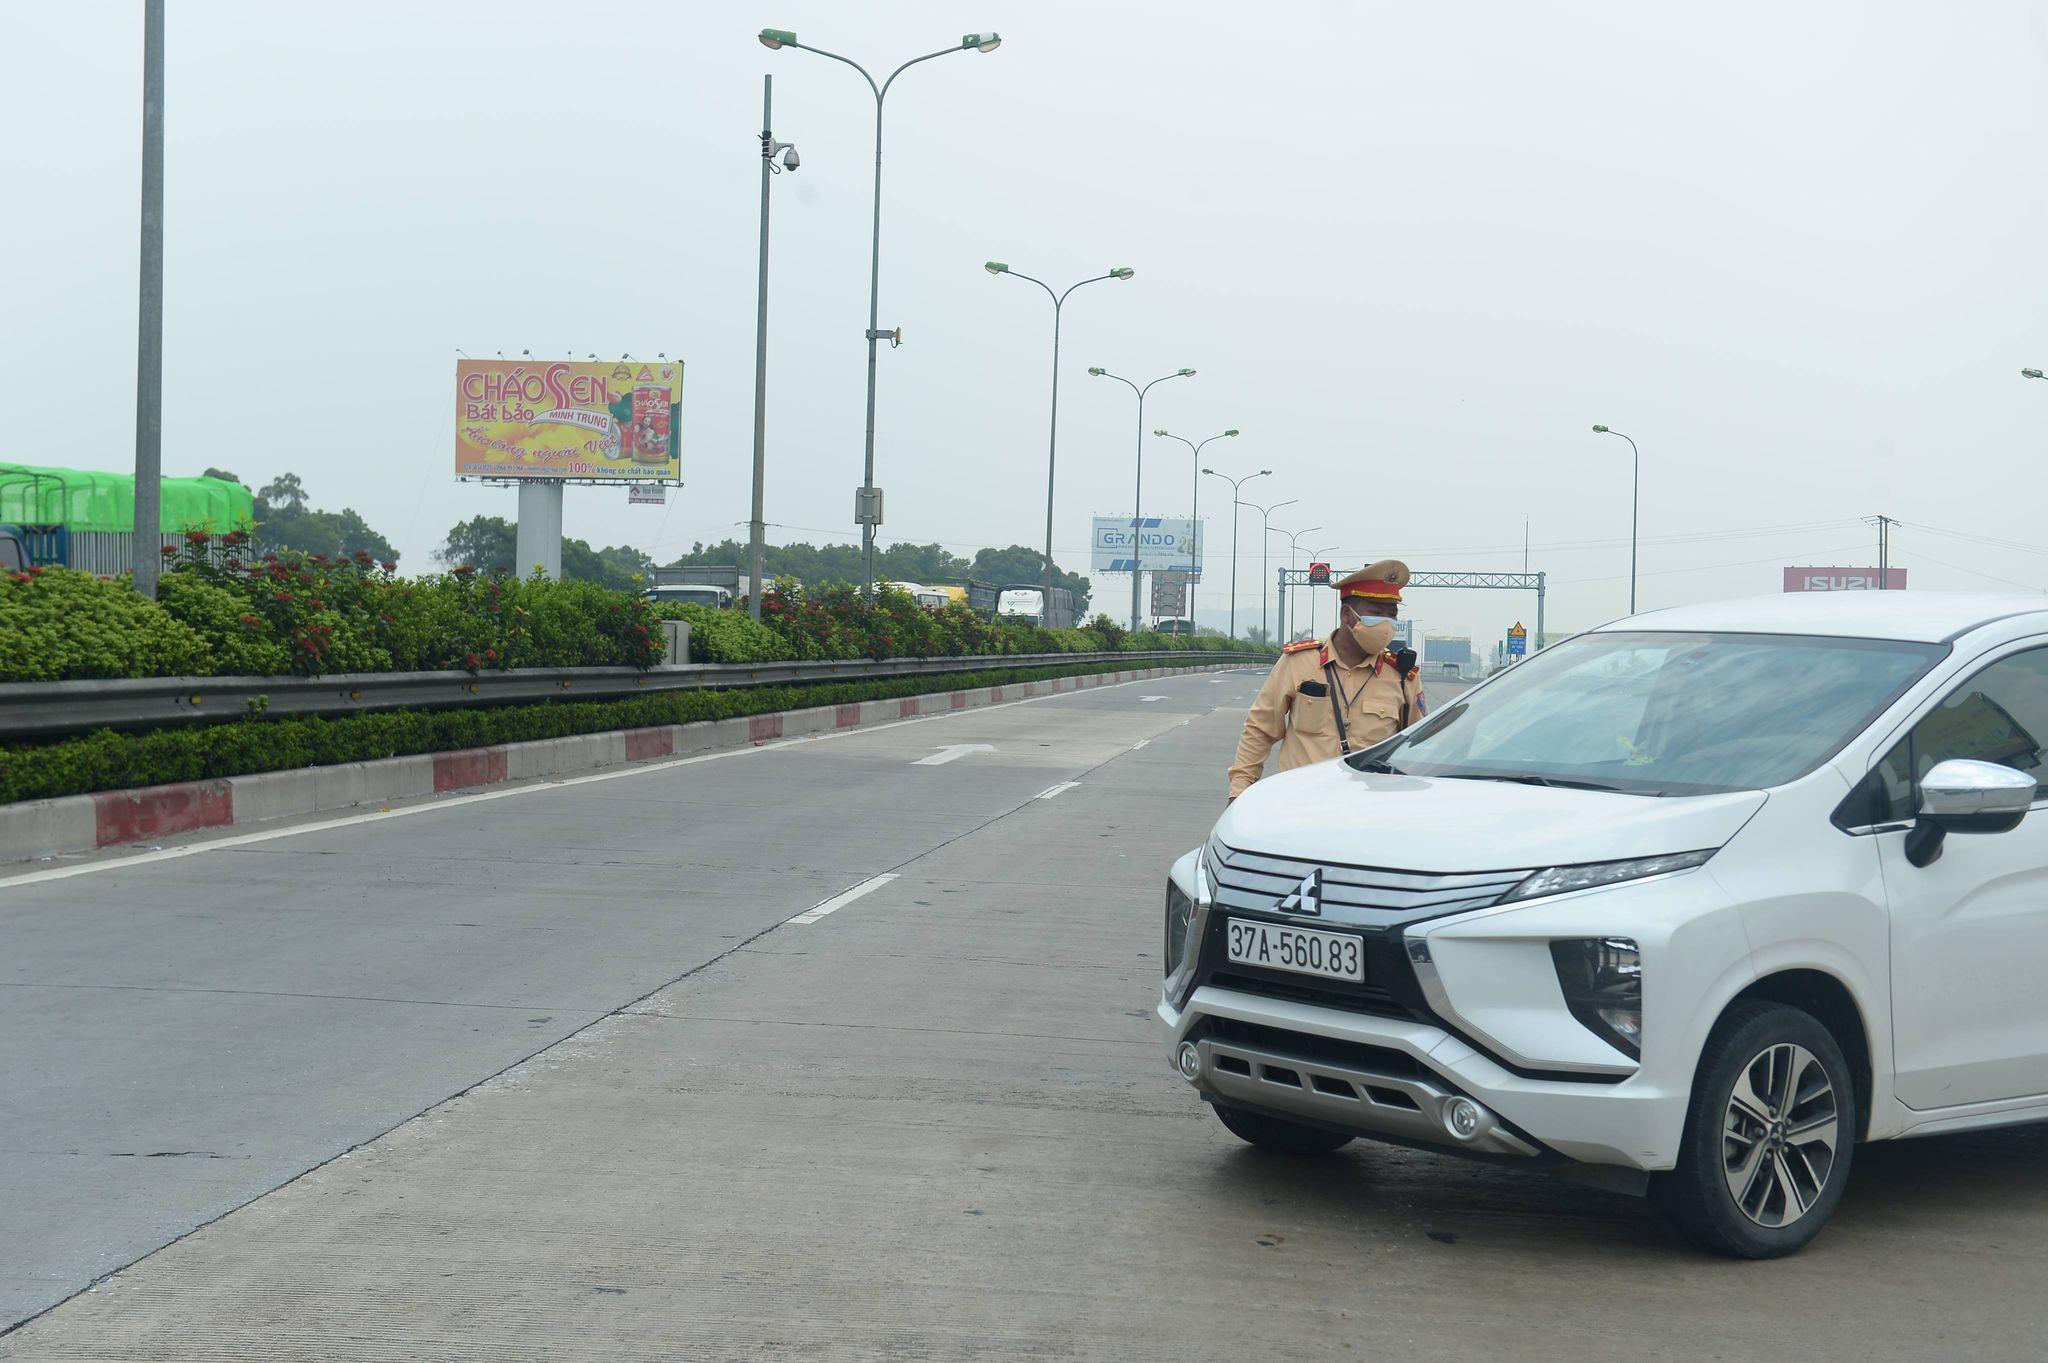 Ùn tắc hàng km ở chốt kiểm dịch cao tốc Pháp Vân - Cầu Giẽ - 3